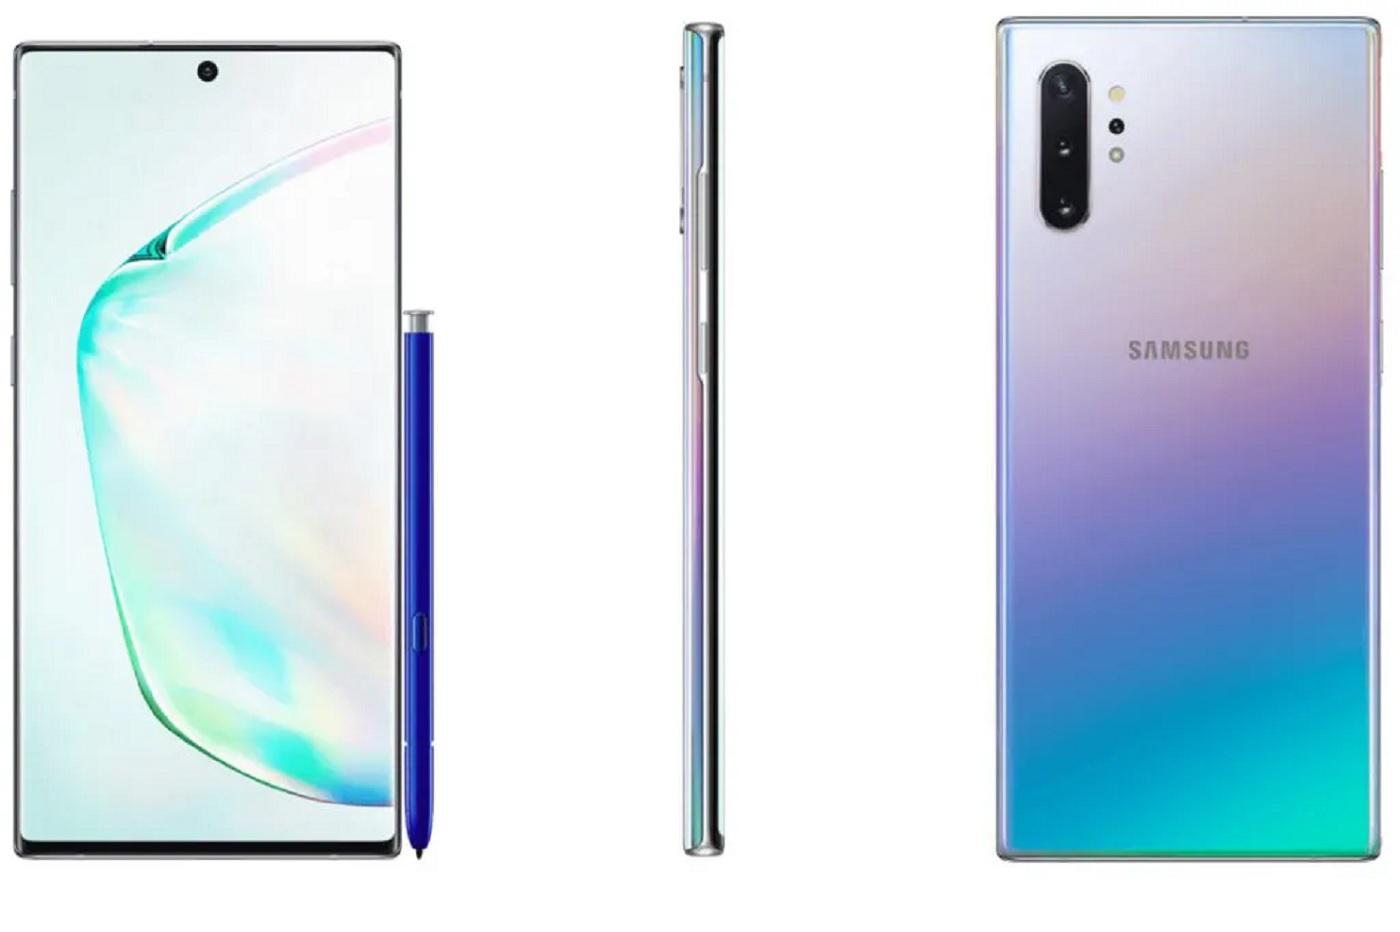 Pas de prise jack sur le Samsung Galaxy Note 10 — Confirmé